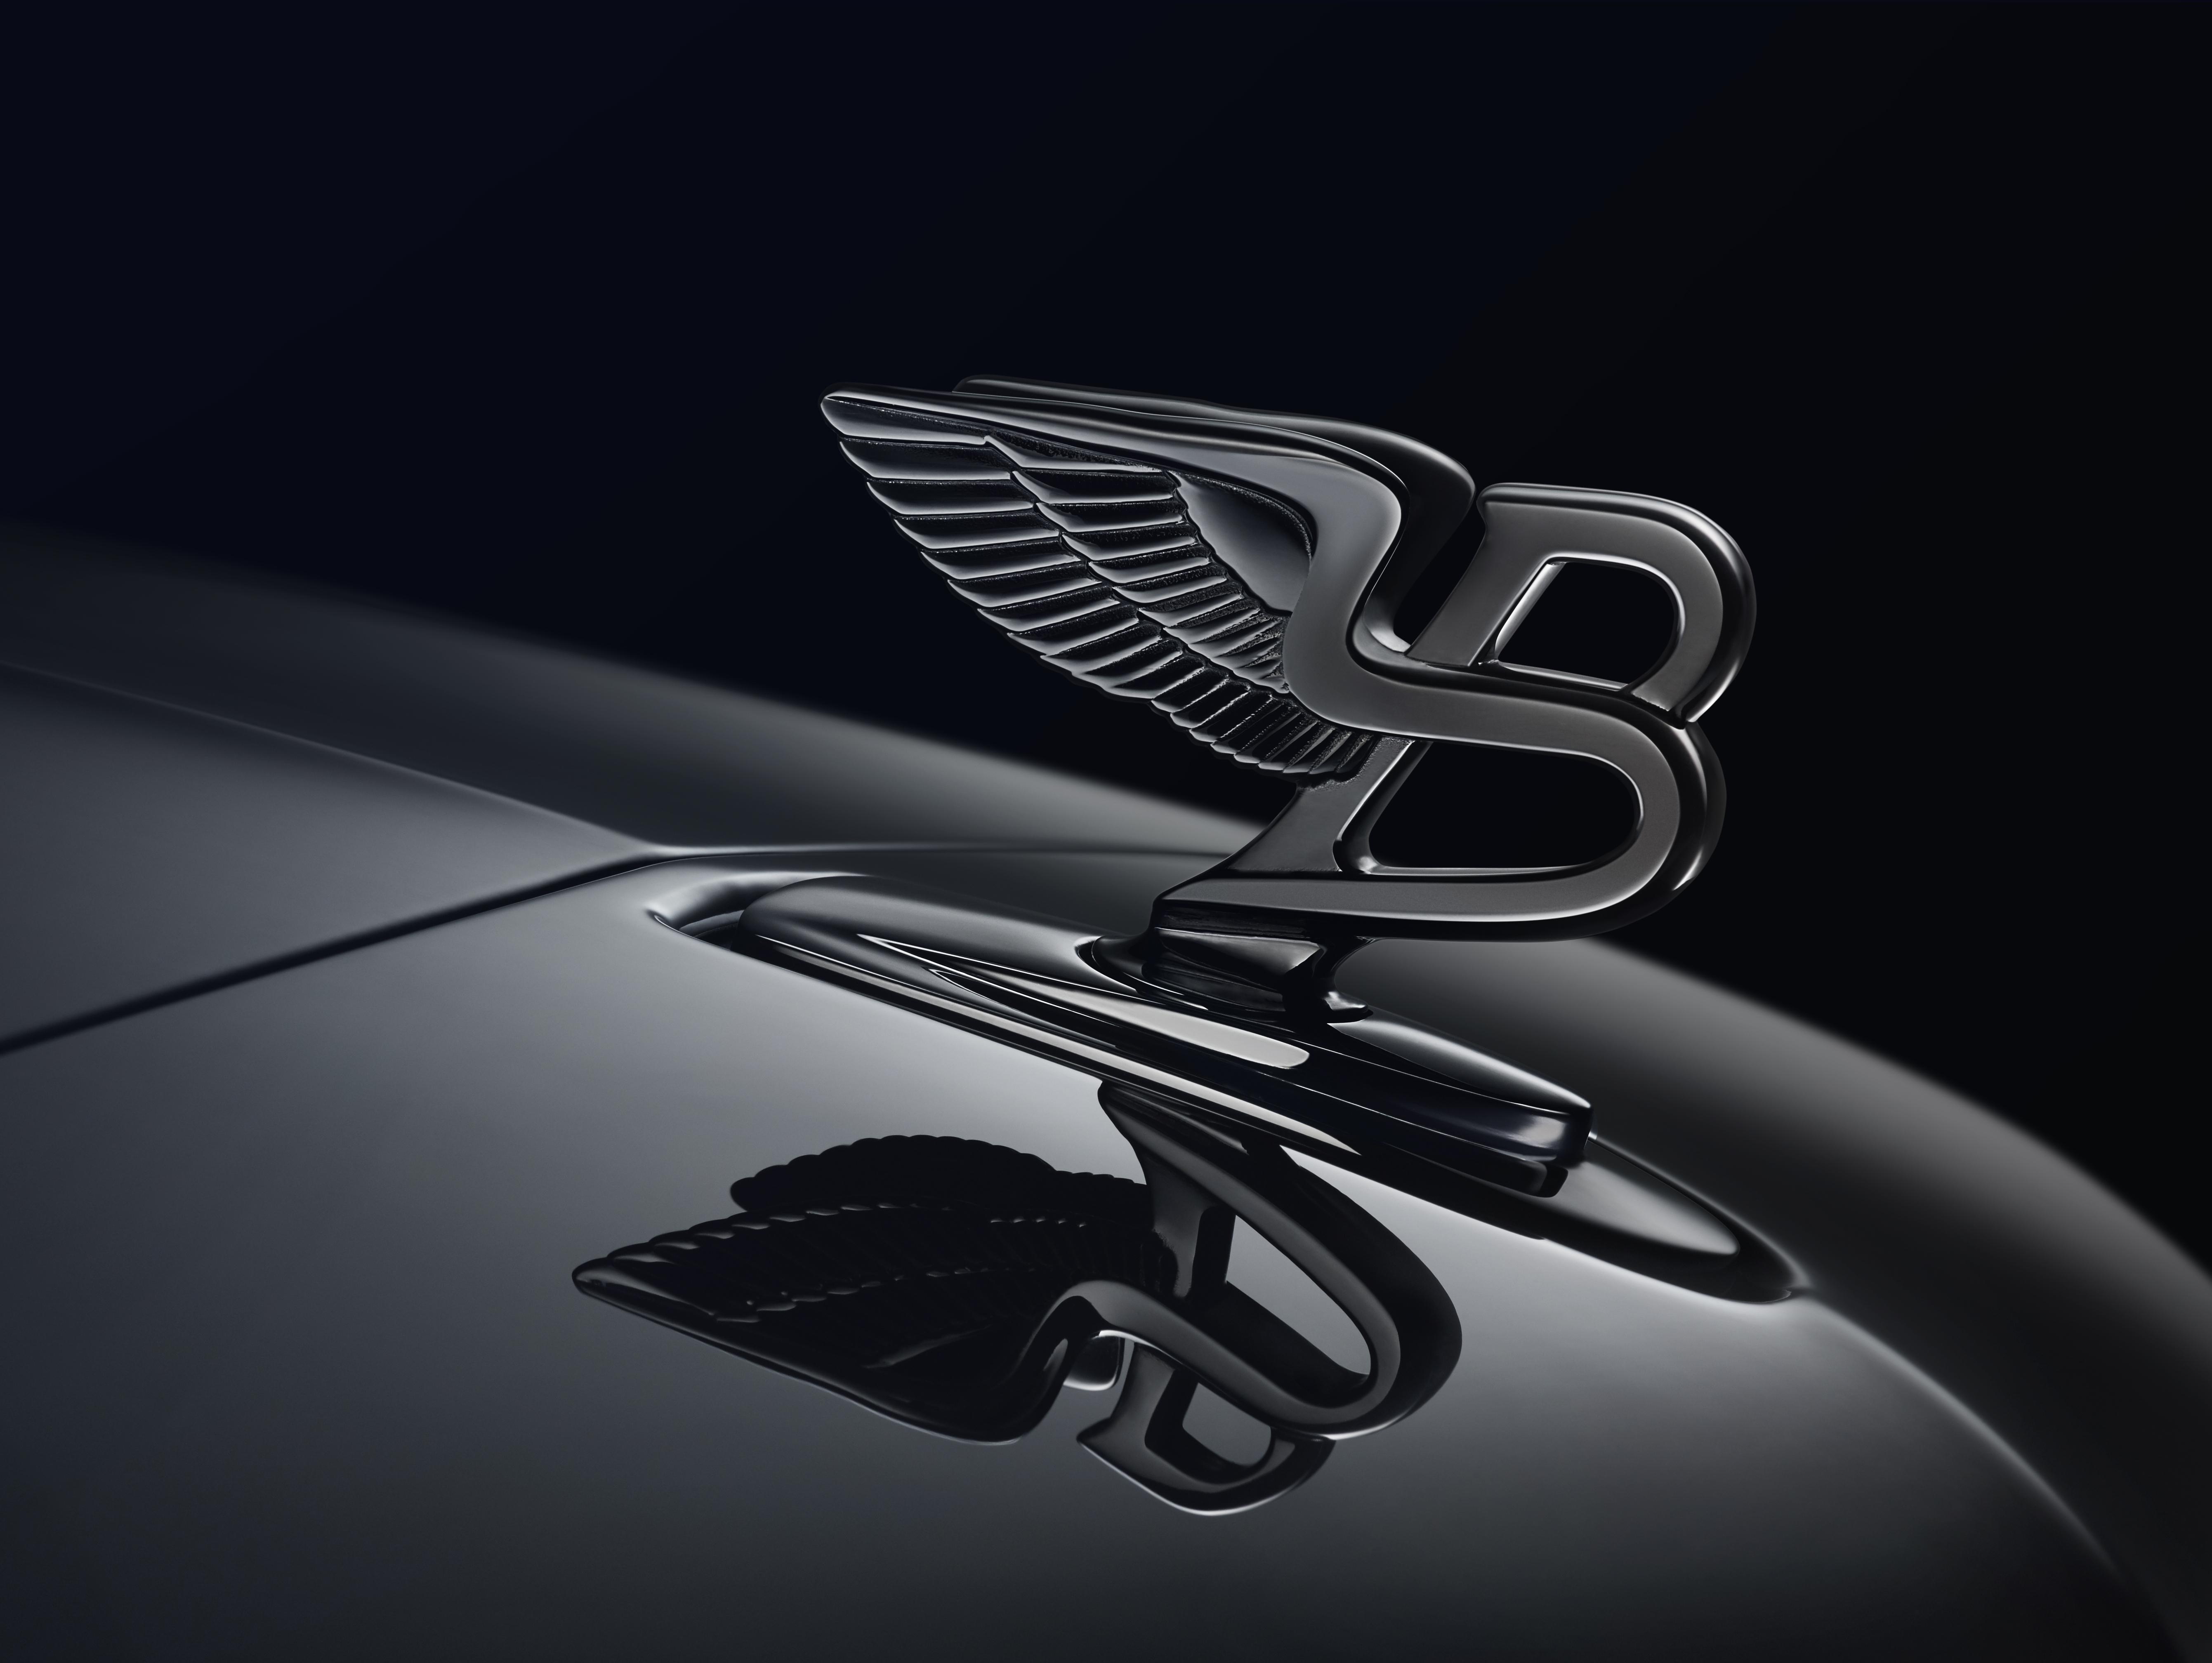 Flying Bentley logo